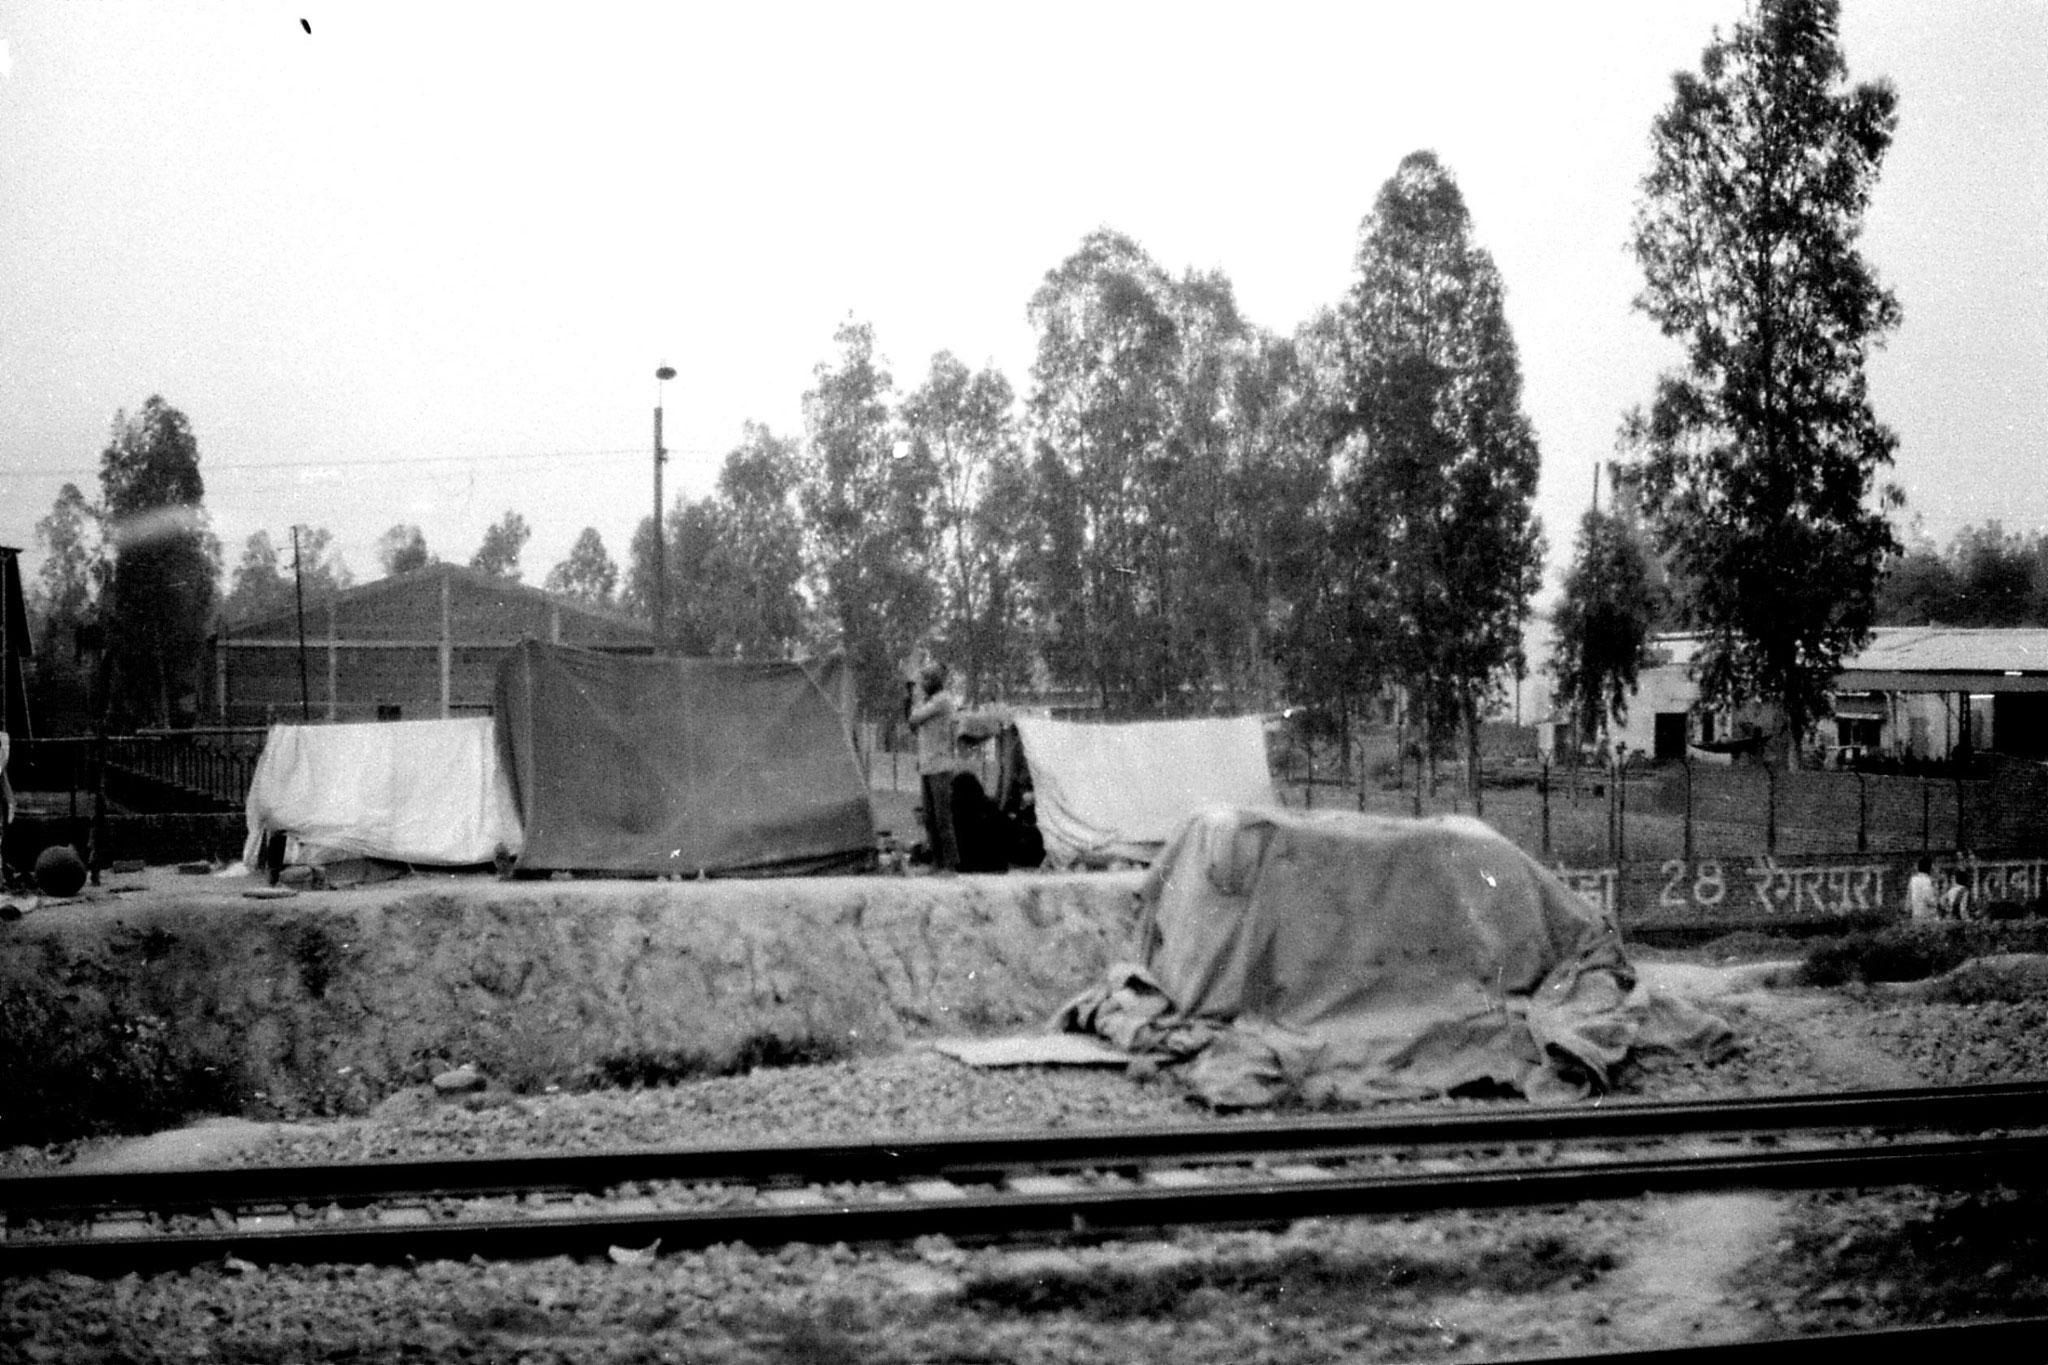 6/4/1990: 37: labourers' tents